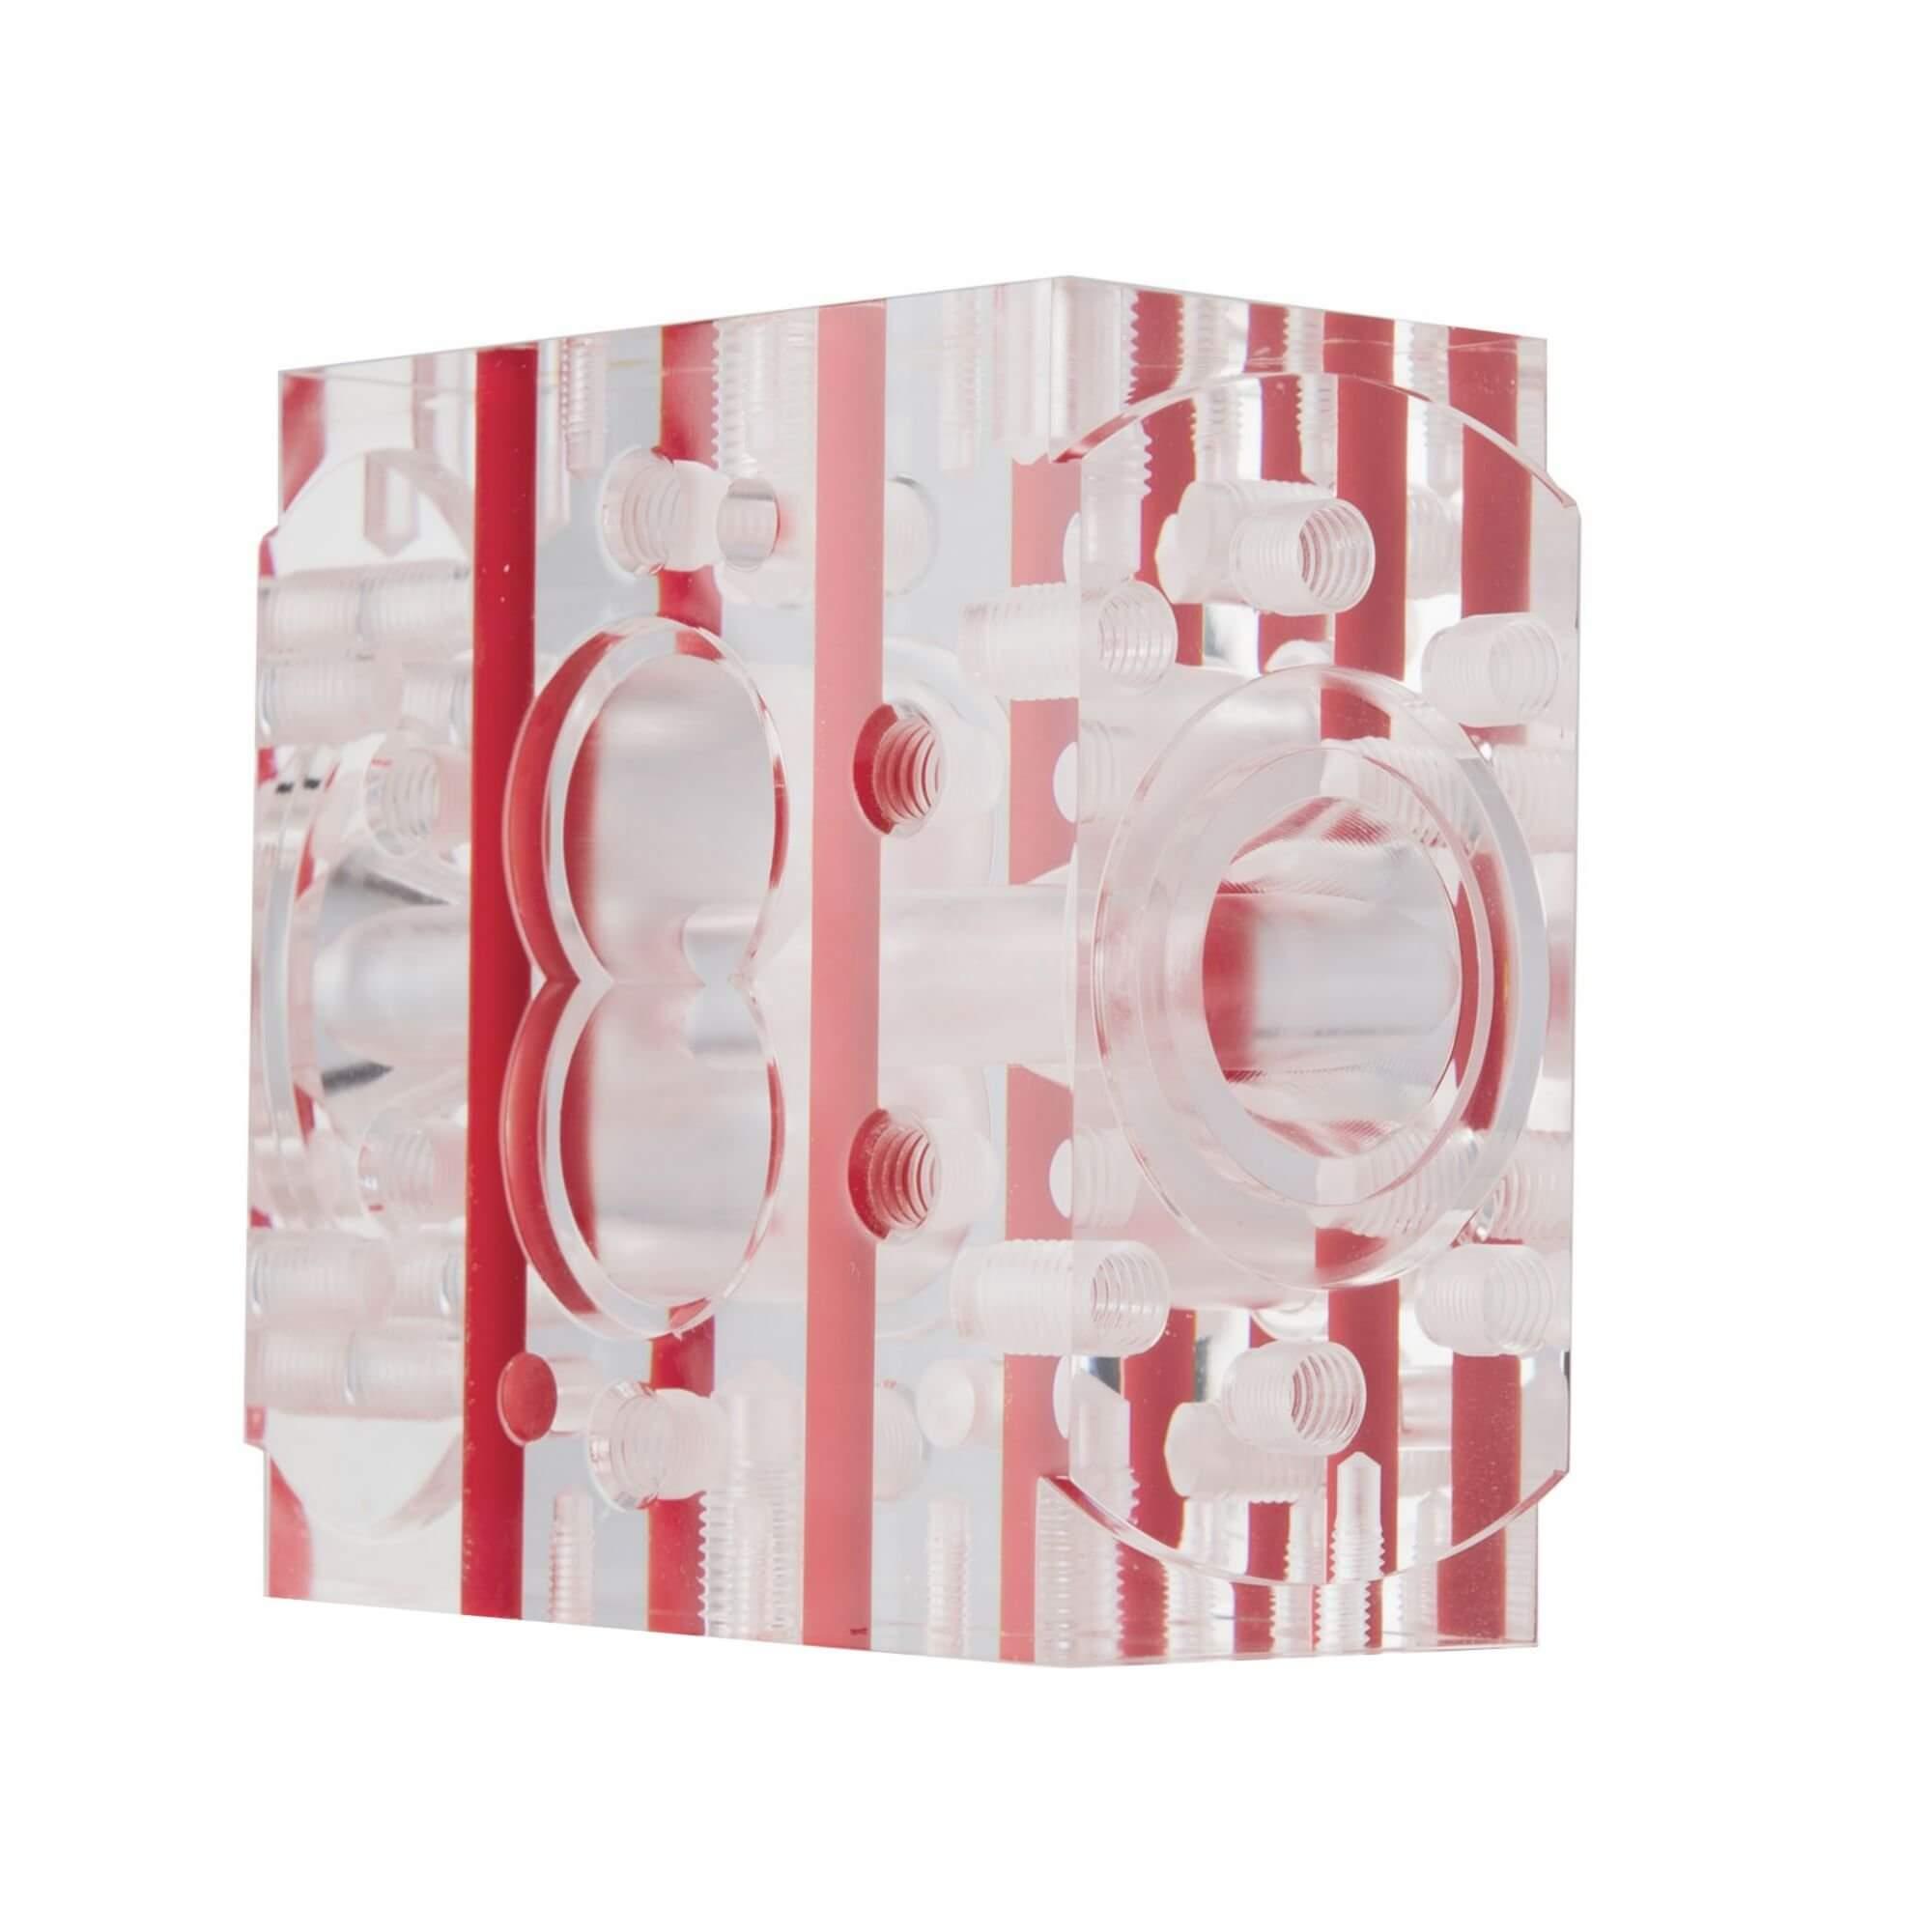 Acryline Modell Pumpengehäuse aus Acrylglas technische teile frästeil zubehör gefräst acryl kunststoff produktion